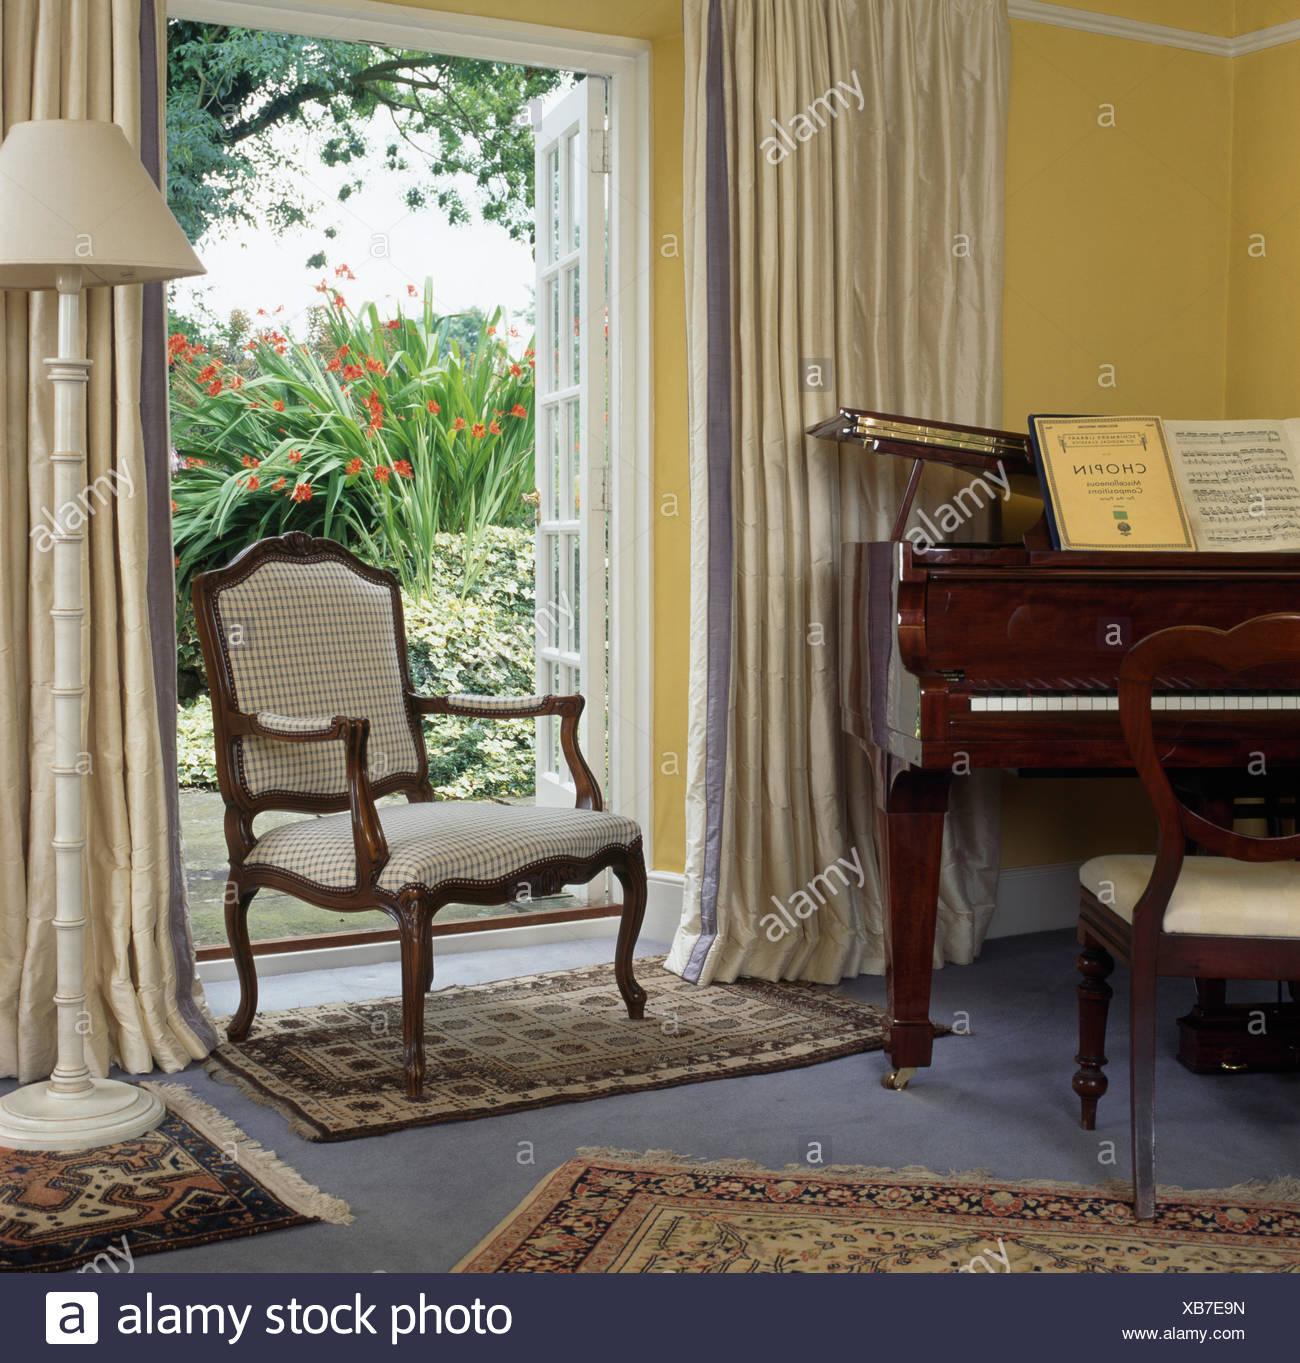 Stile Francese sedia davanti aprire finestre Francesi con drappi ...